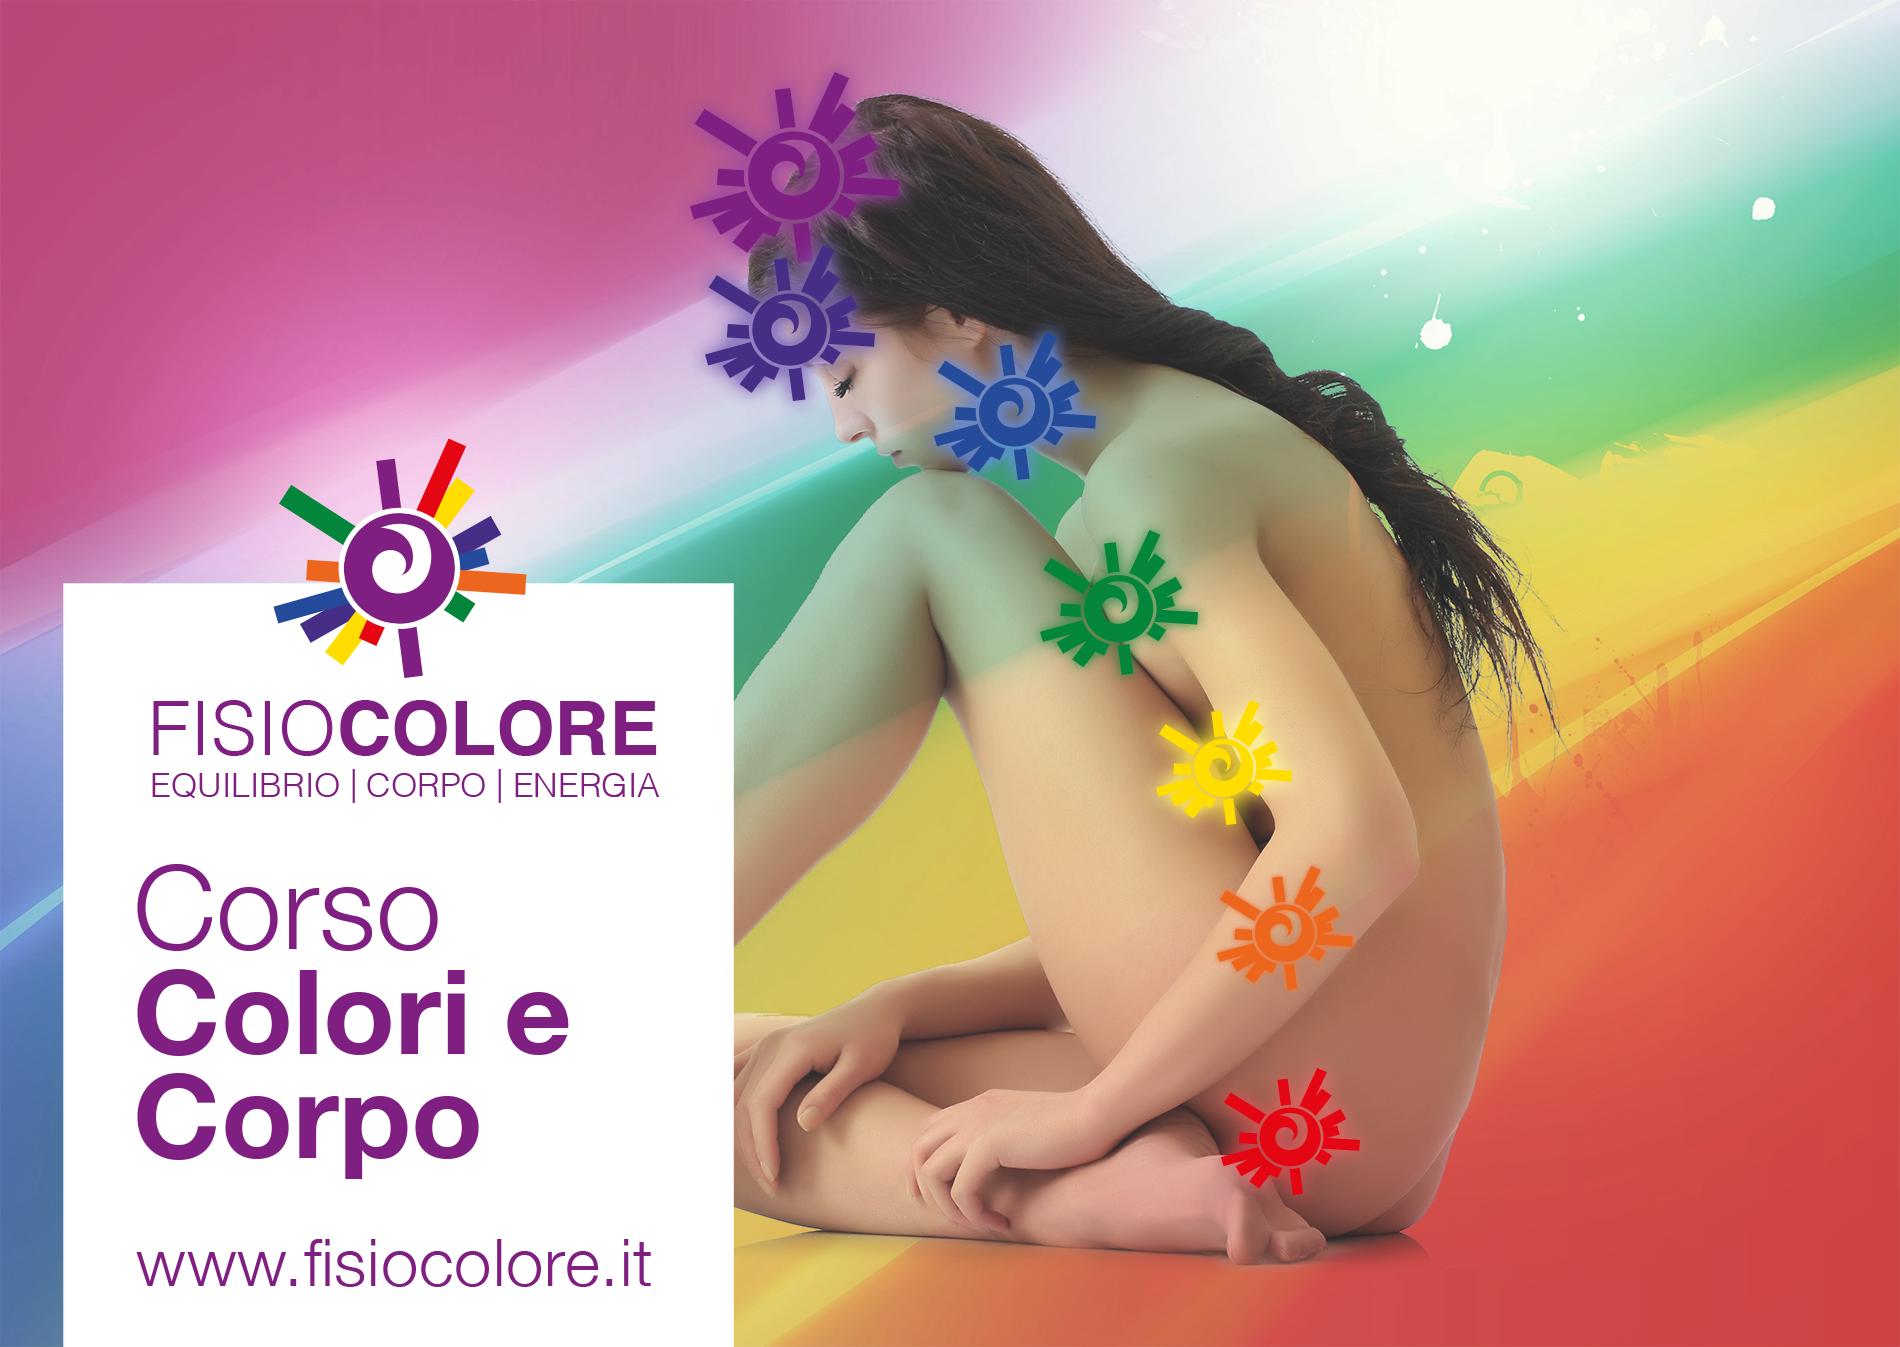 corso colori e corpo fisiocolore